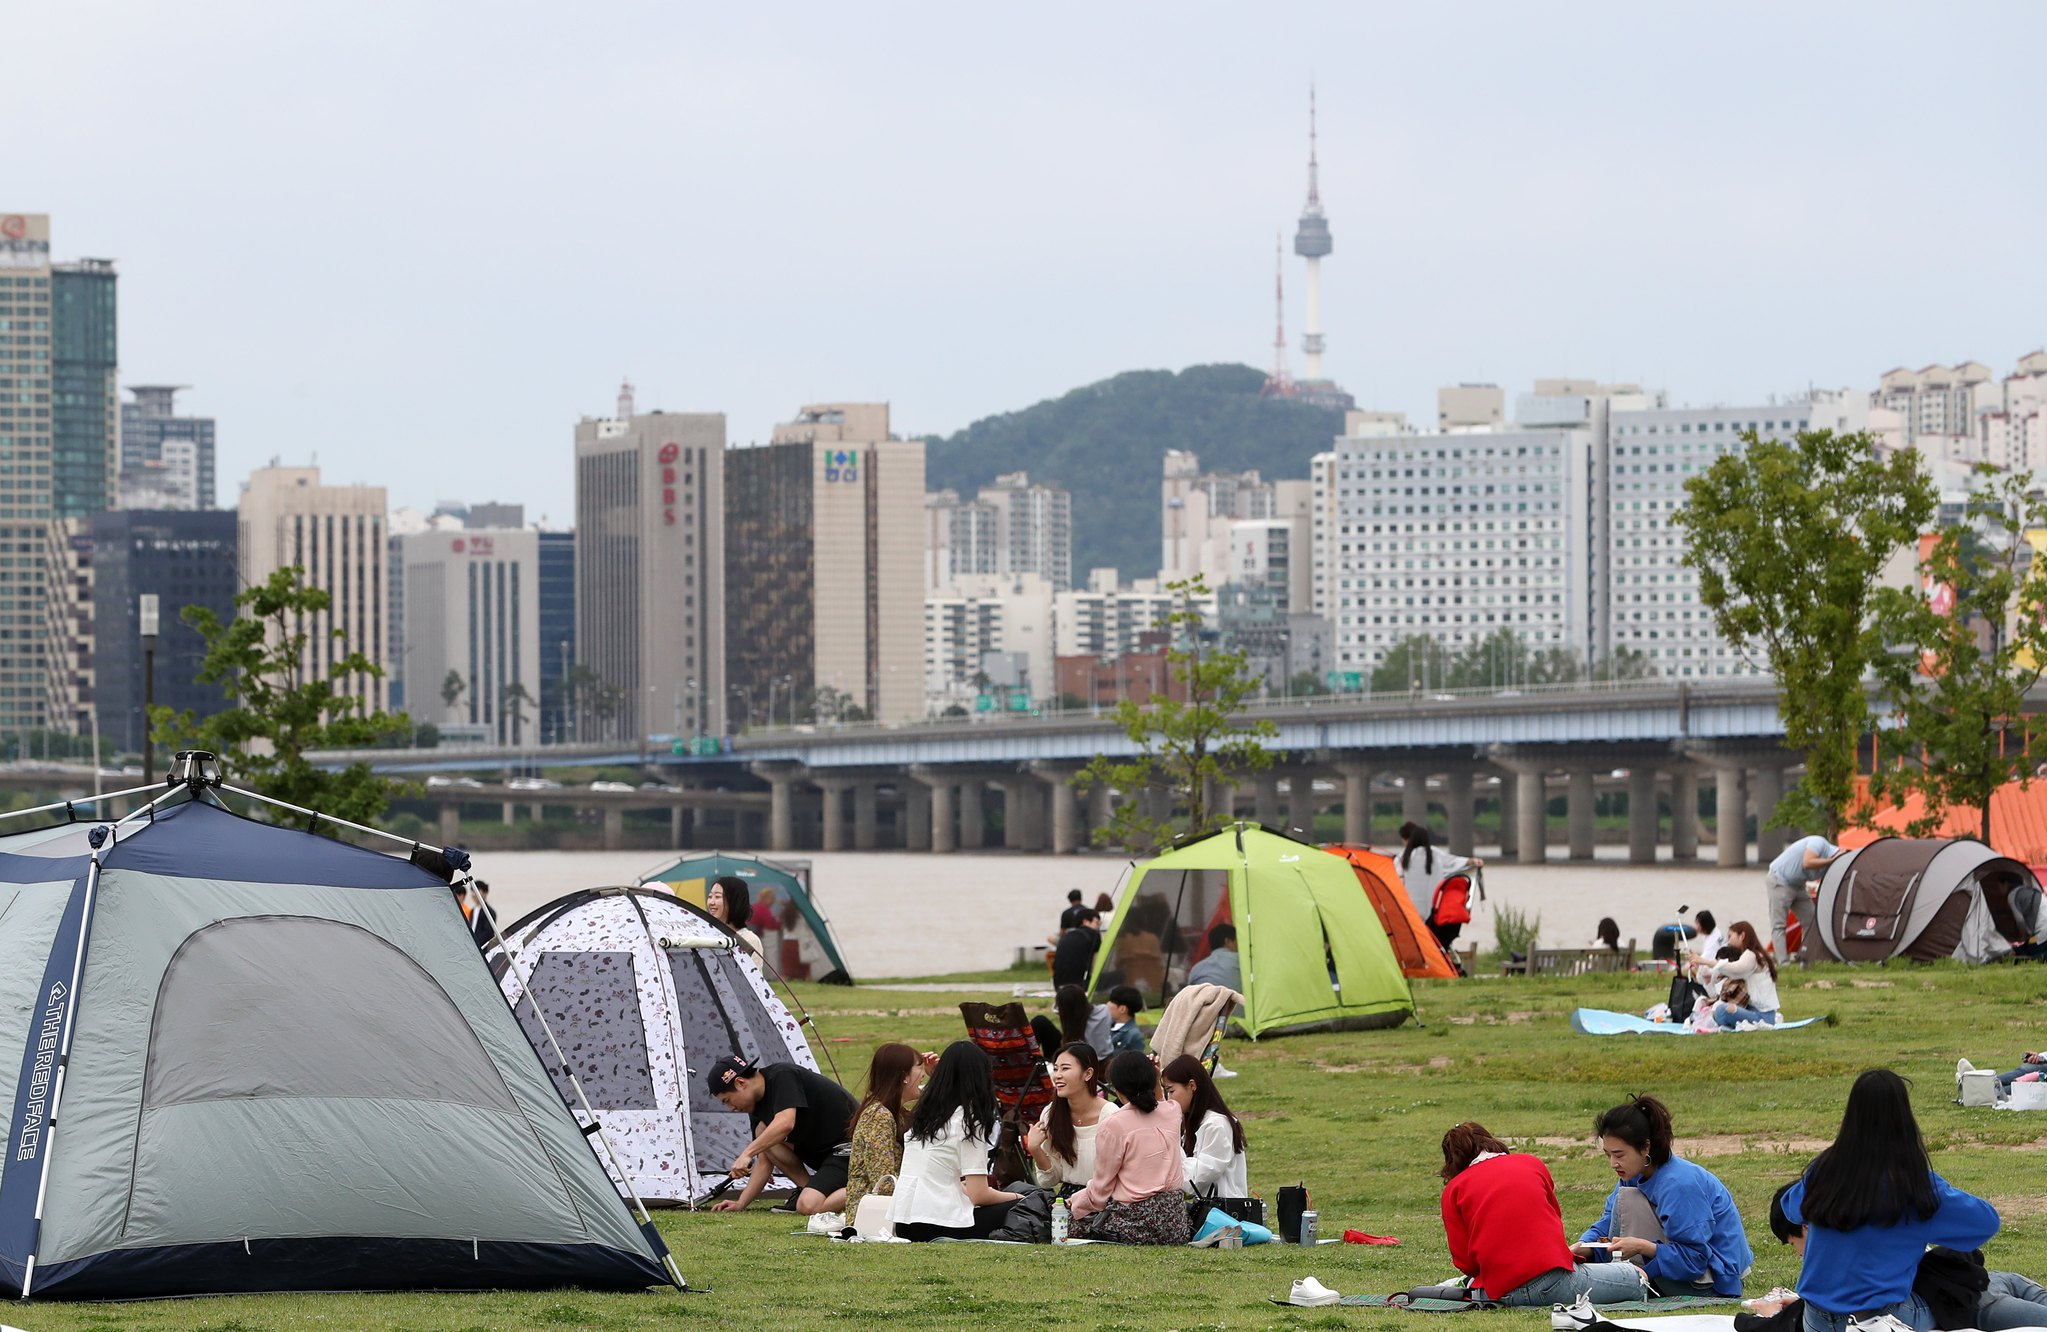 화창한 봄날씨를 보인 20일 서울 여의도 한강공원을 찾은 시민들이 텐트를 치고 둘러앉아 휴일을 만끽하고 있다. [뉴스1]